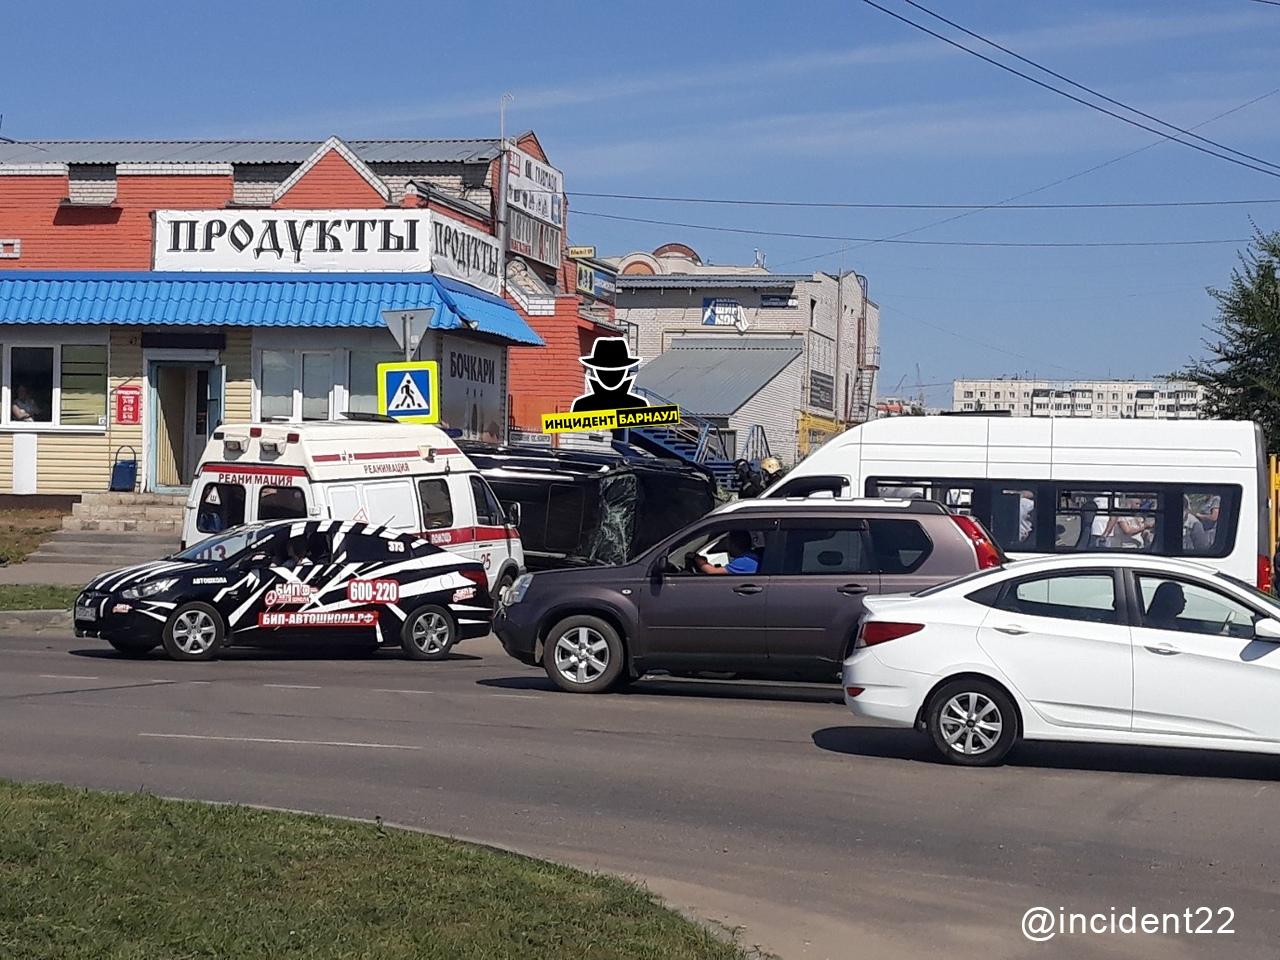 Полиция записала счет водителя маршрутки аварию люксовой иномаркой Барнауле